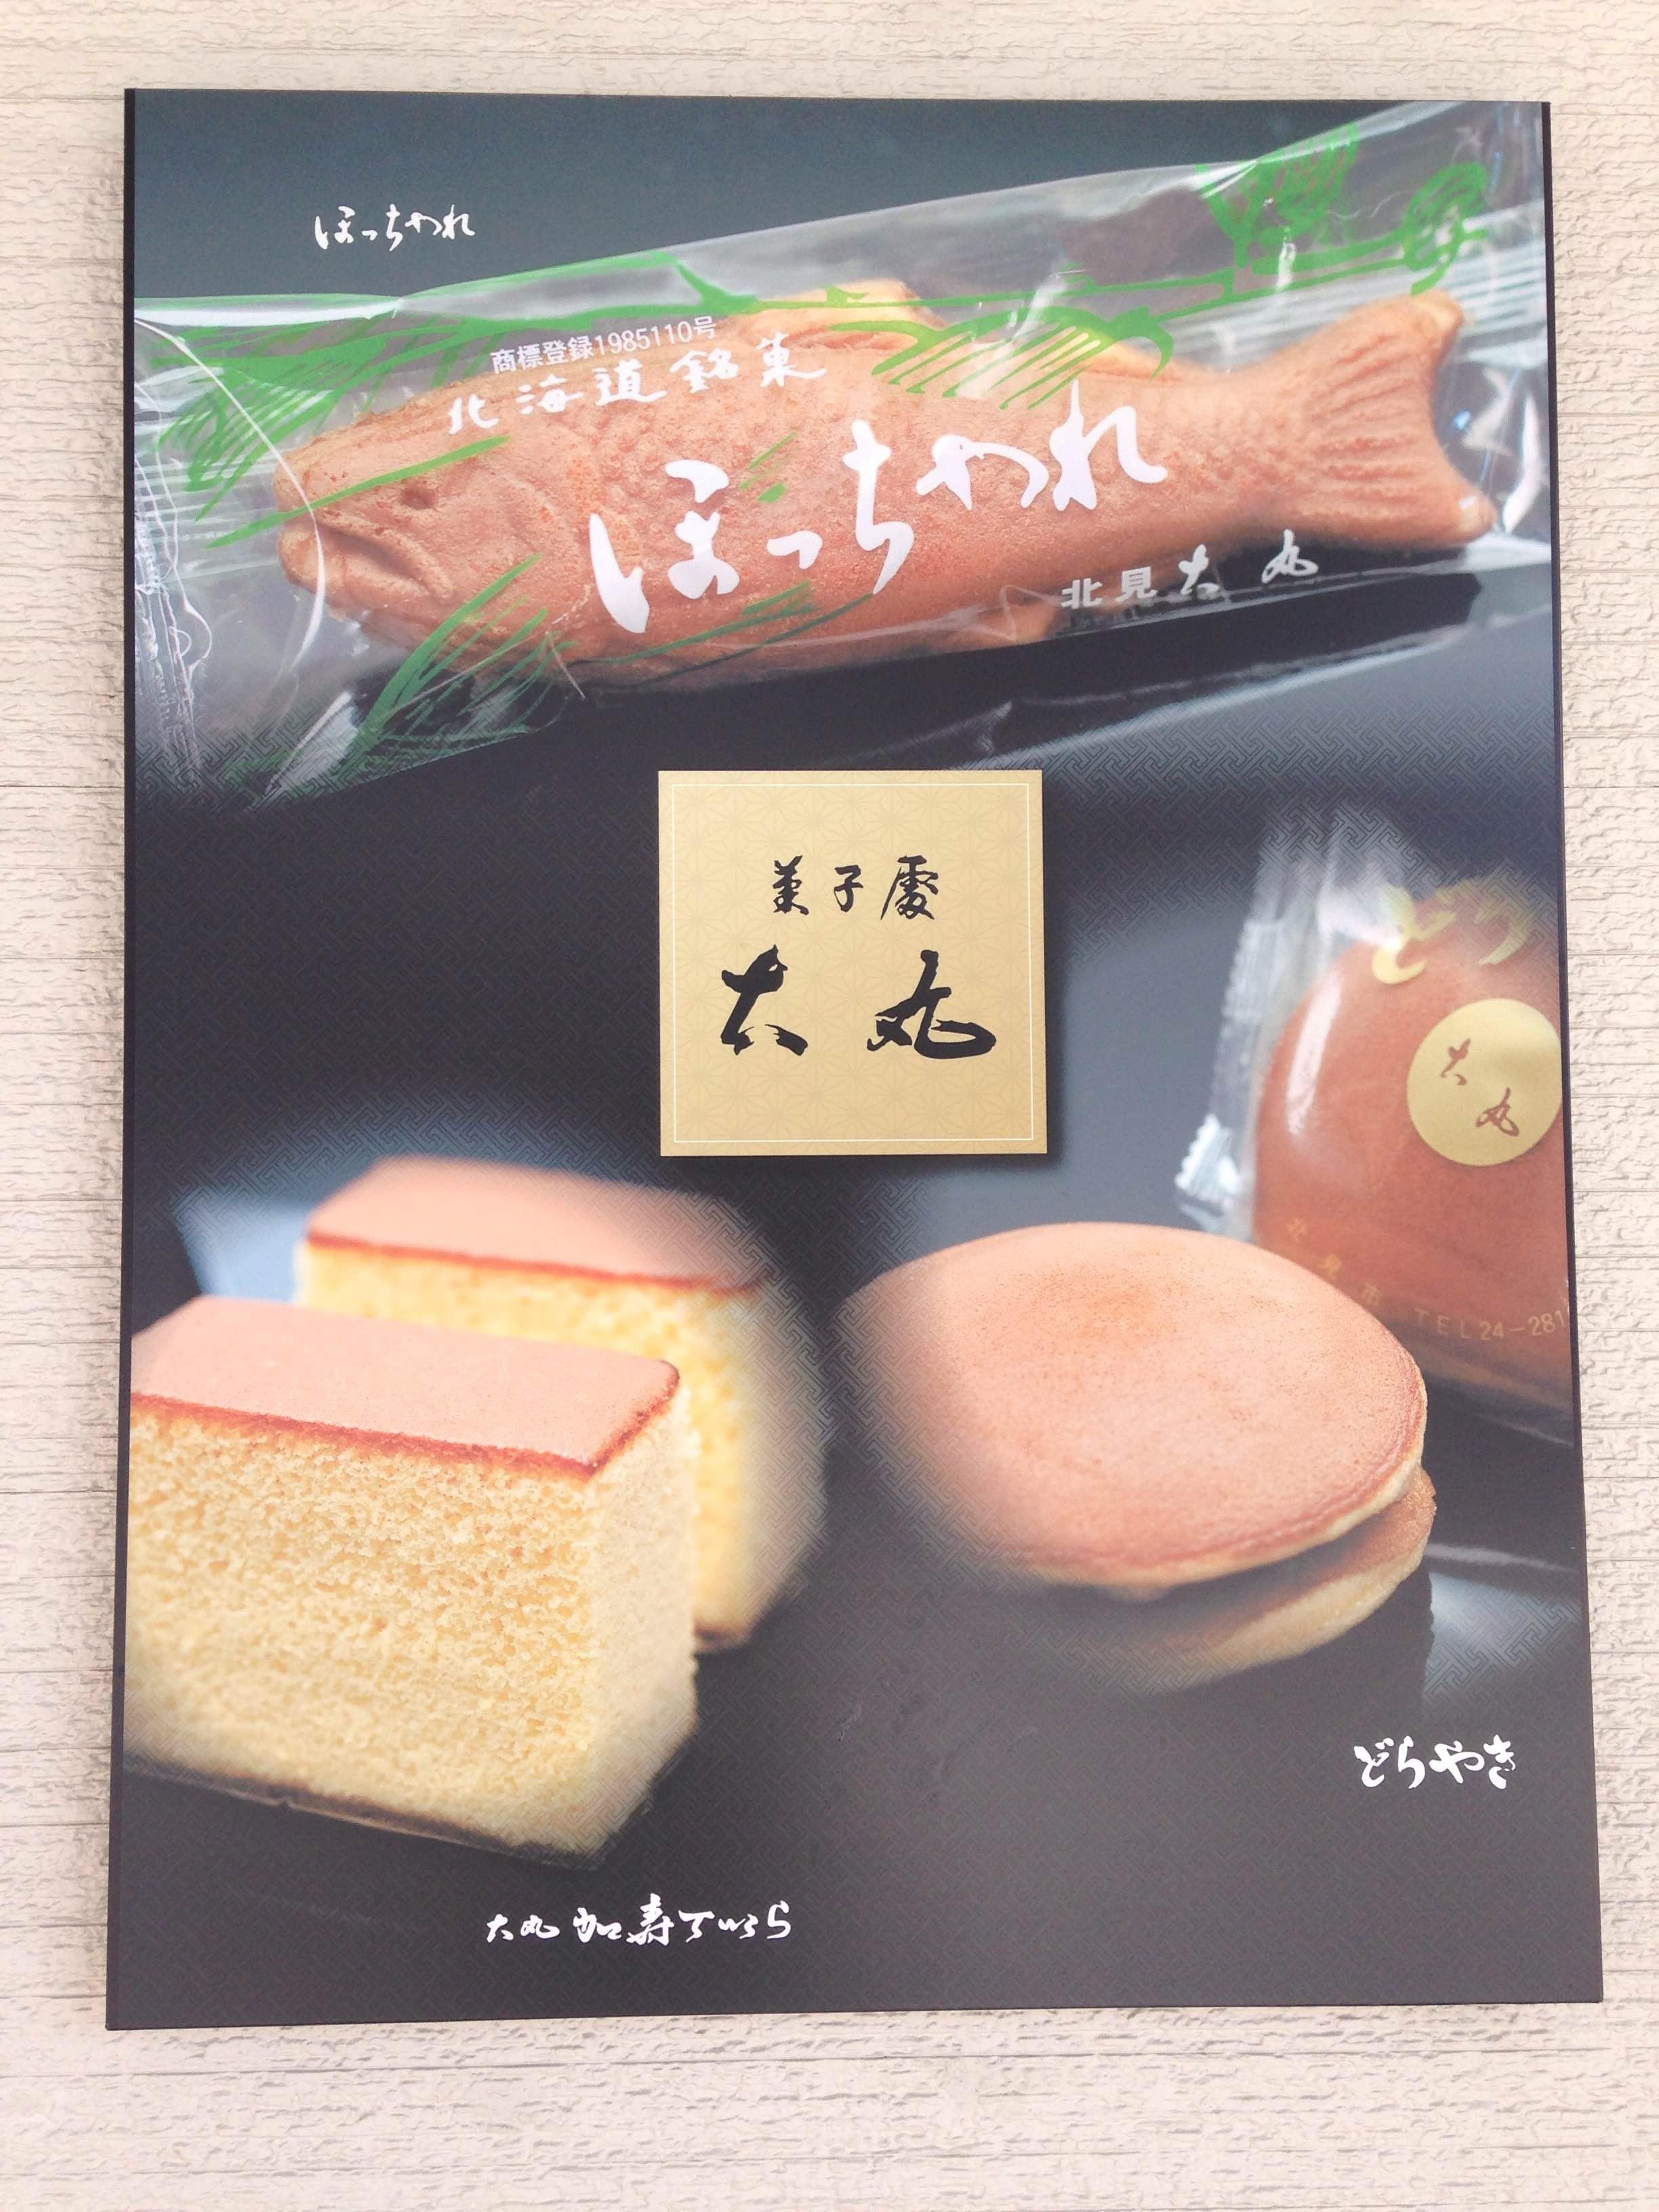 菓子処 大丸